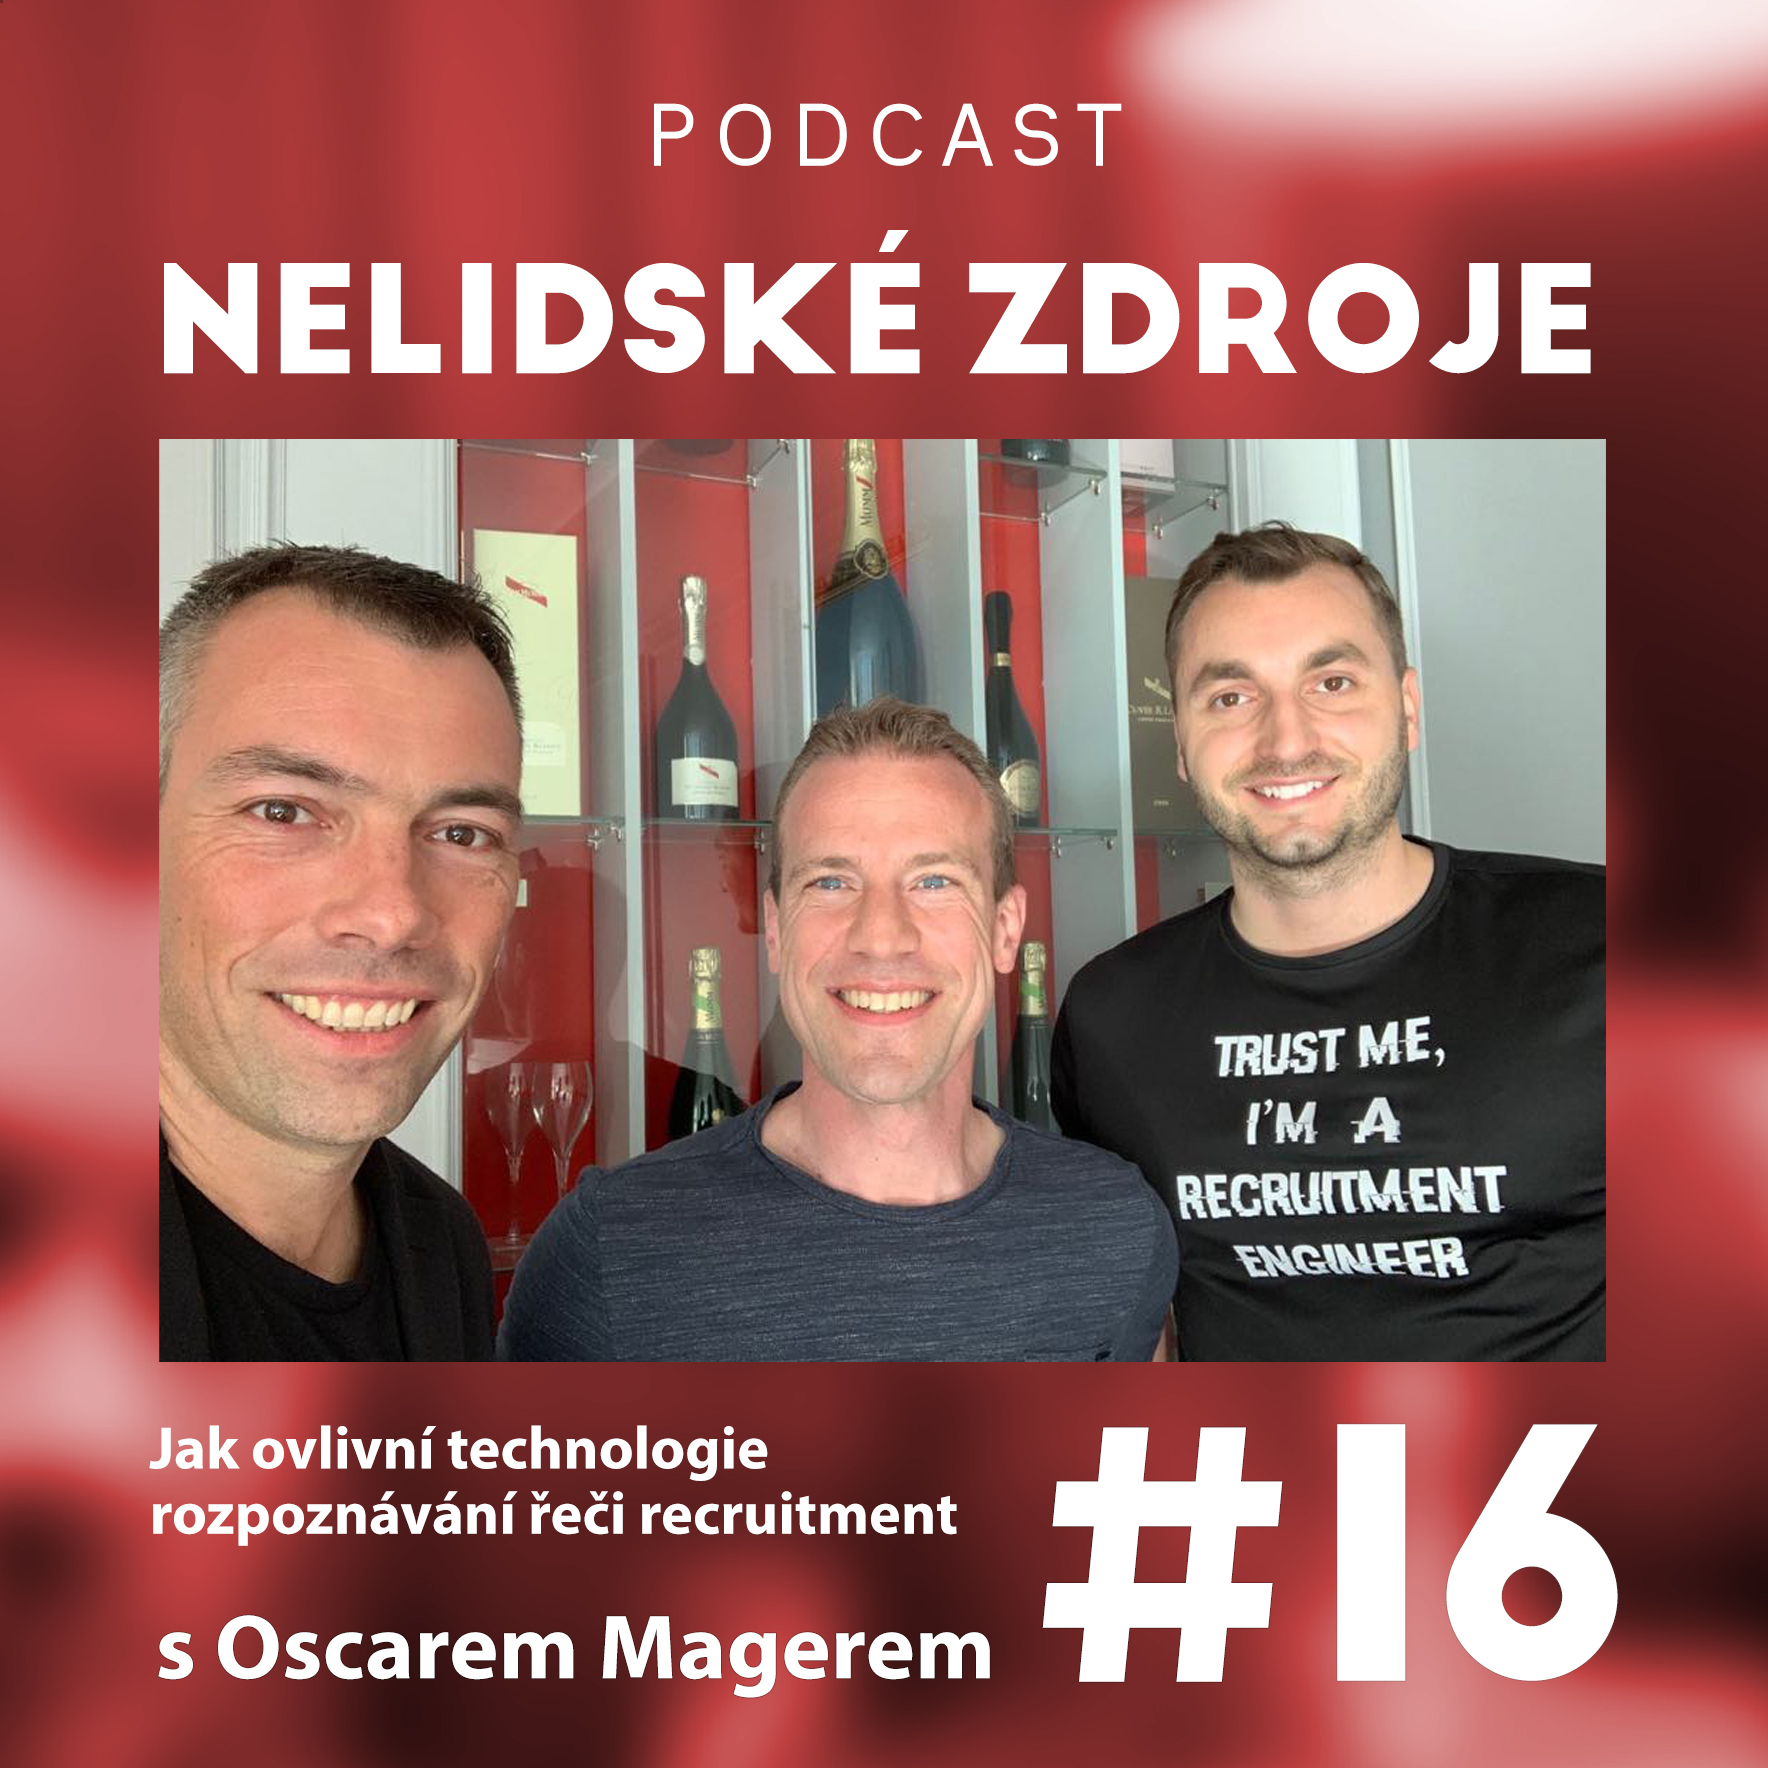 16: Jak ovlivní technologie rozpoznávání řeči recruitment s Oscarem Magerem (anglicky)